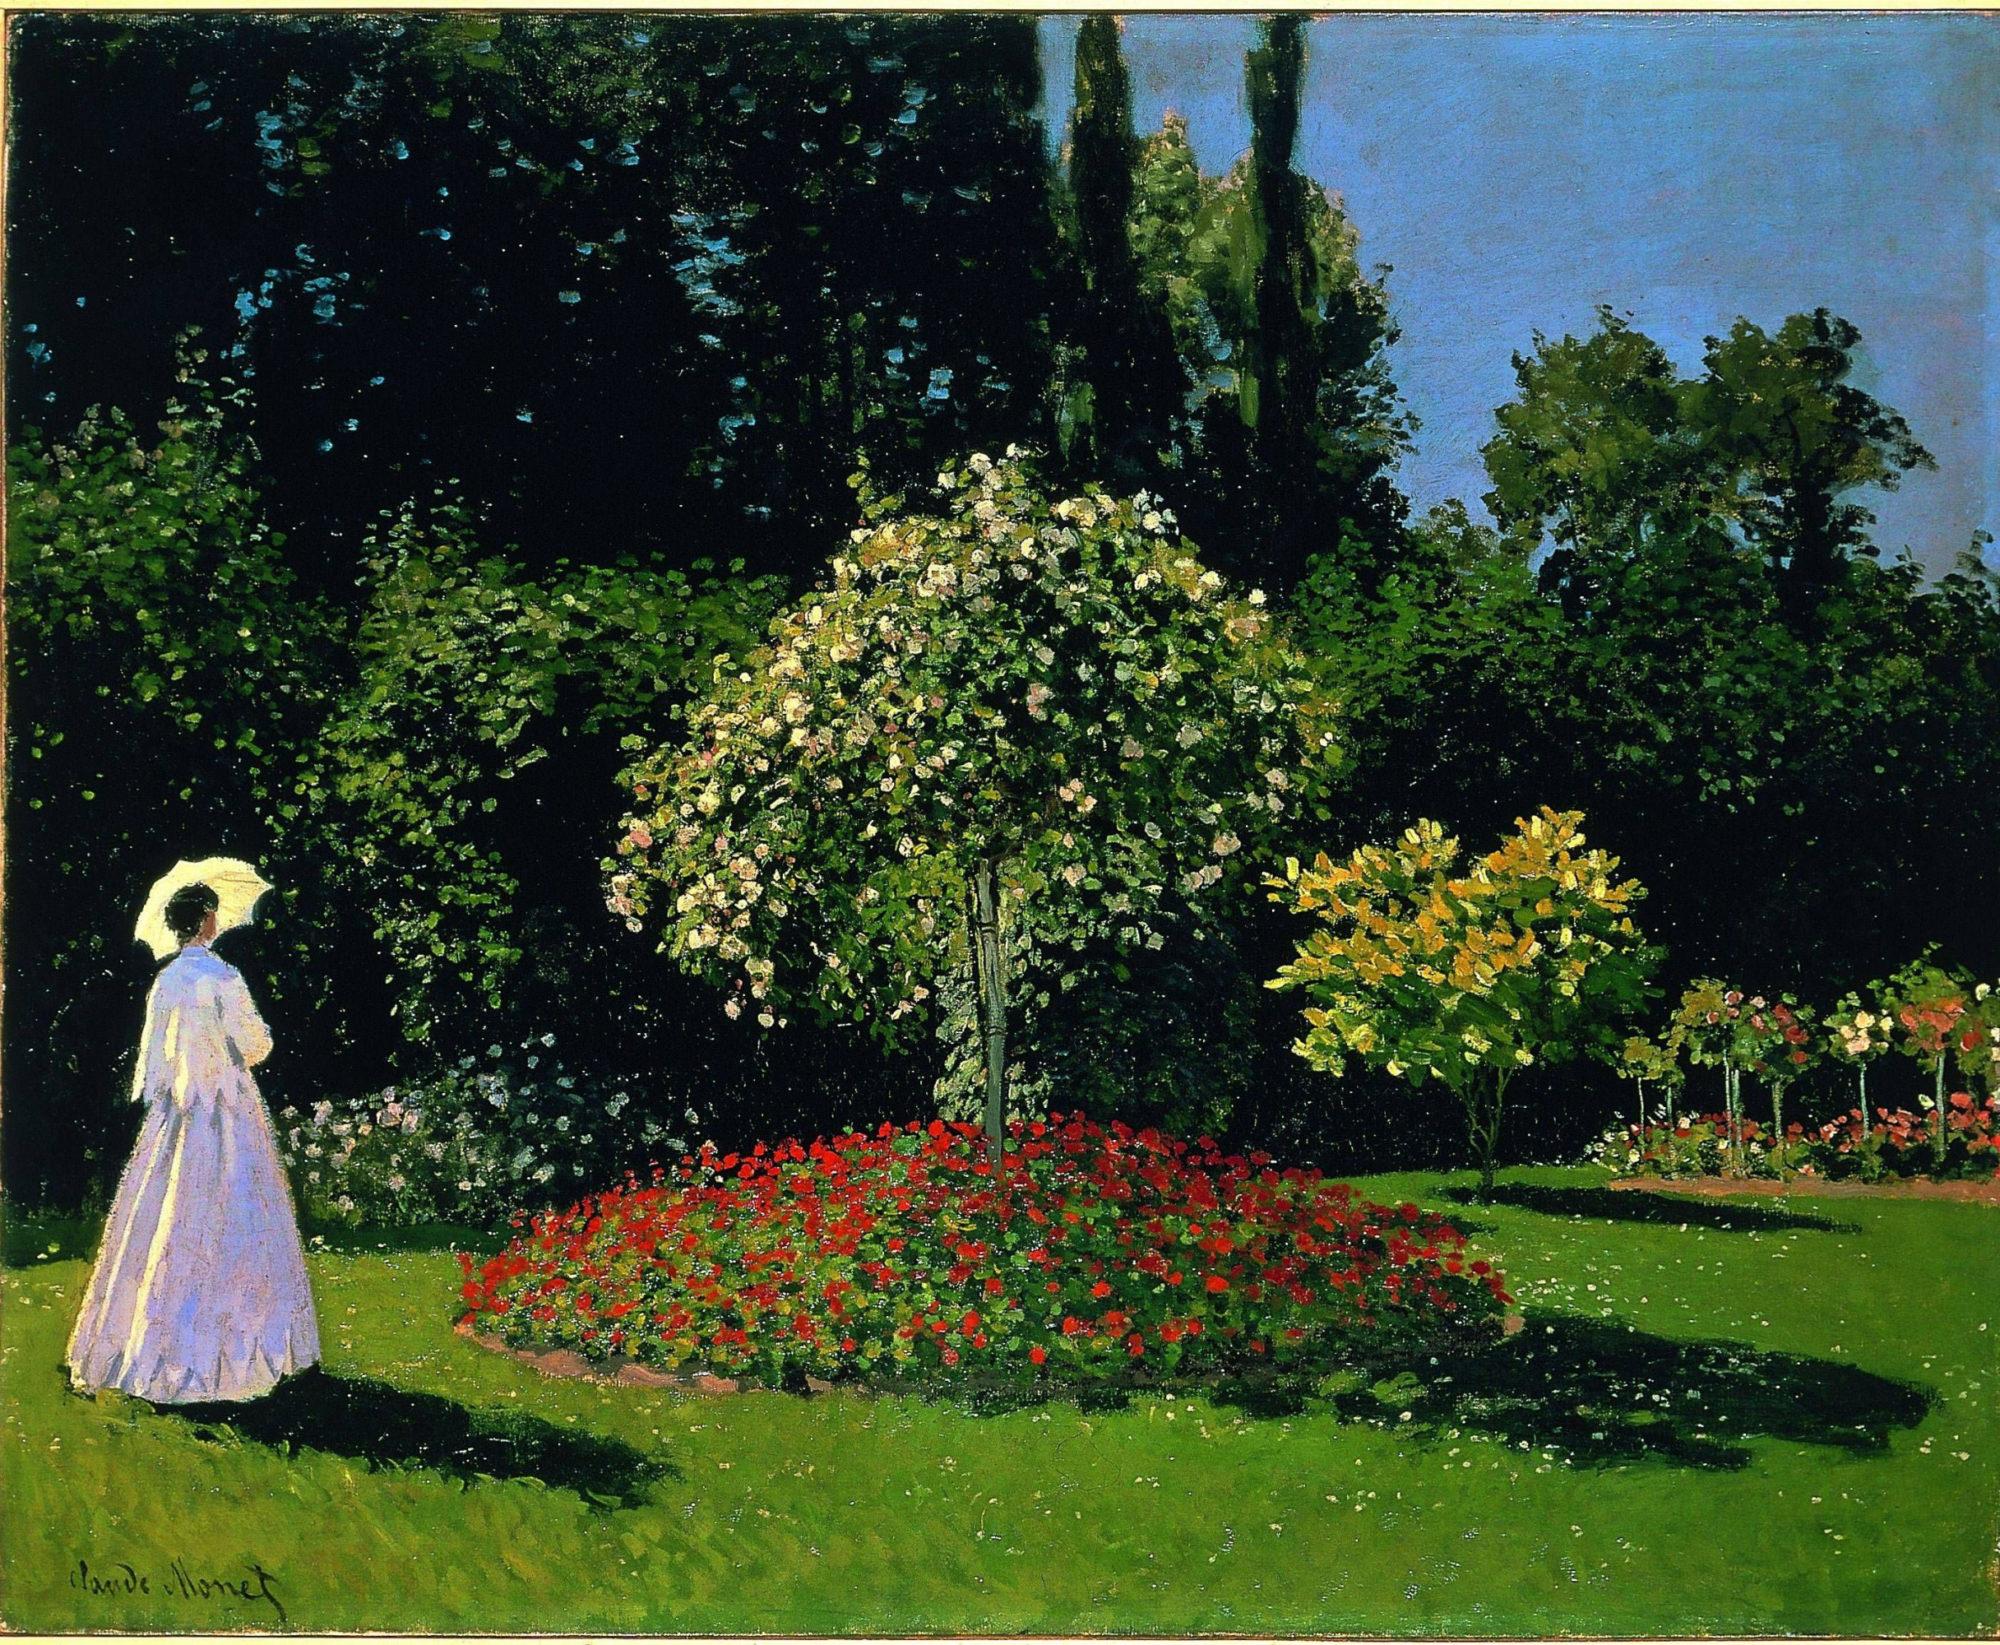 Клод Моне, 1867 год, картина «Дама в саду Сент-Адресс».